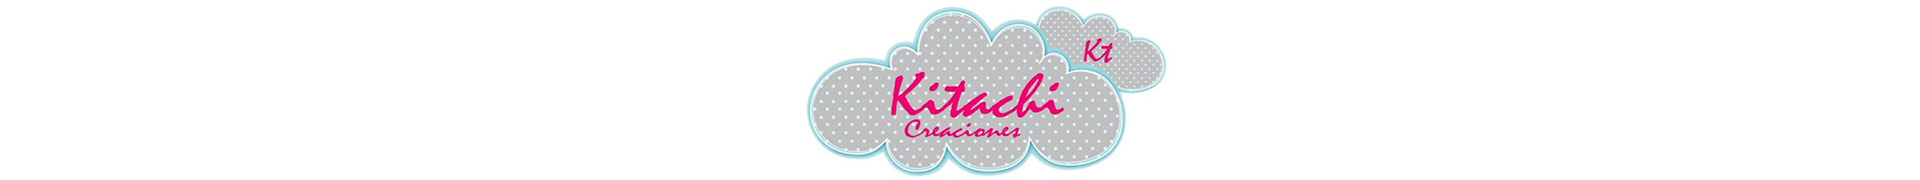 Kitachi